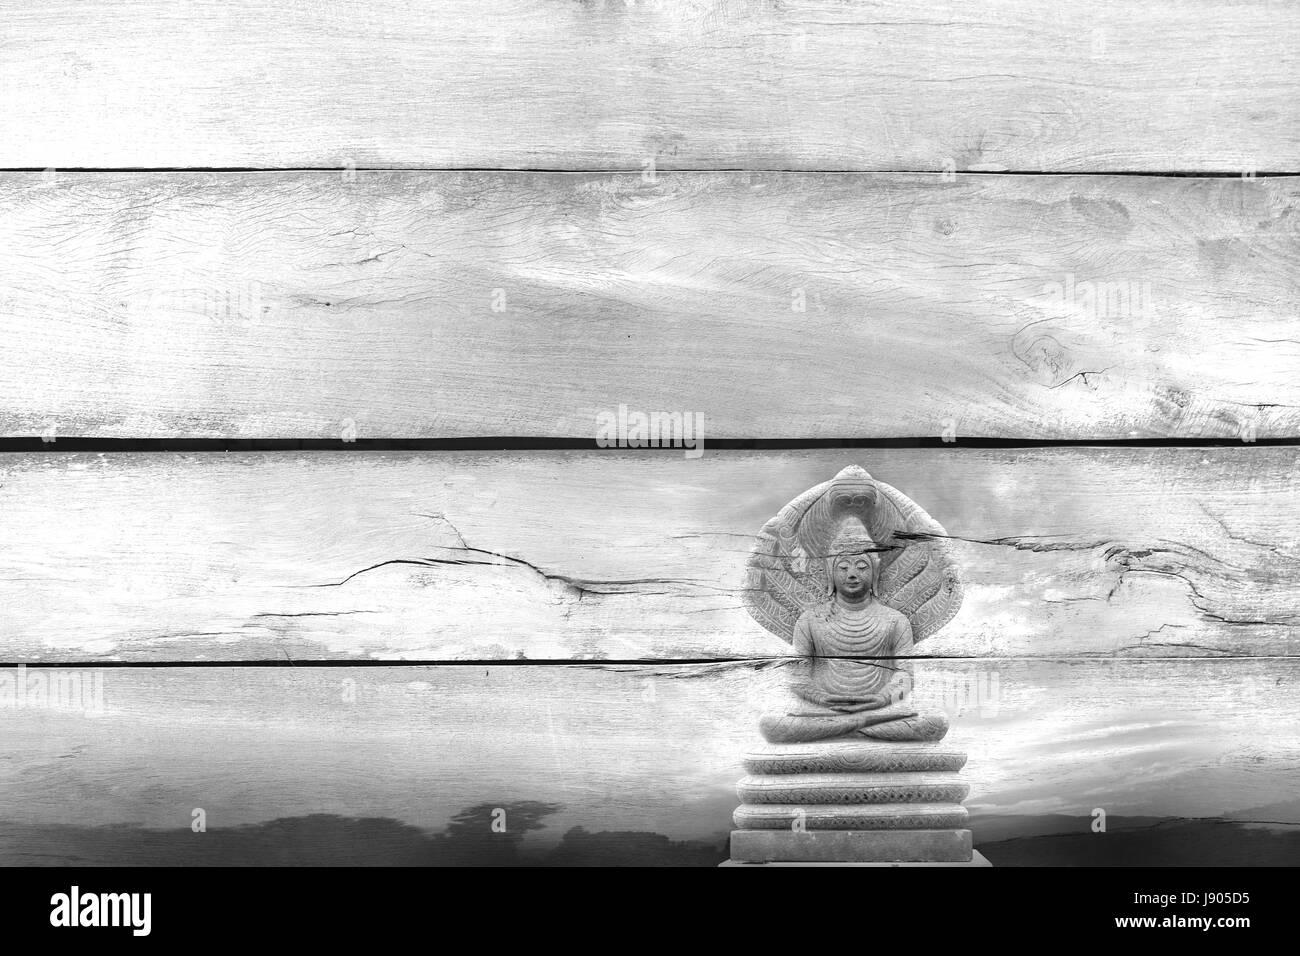 Vista en blanco y negro ,superponer la imagen de Buda de piedra preciosa al aire libre cubierto con siete jefes Imagen De Stock